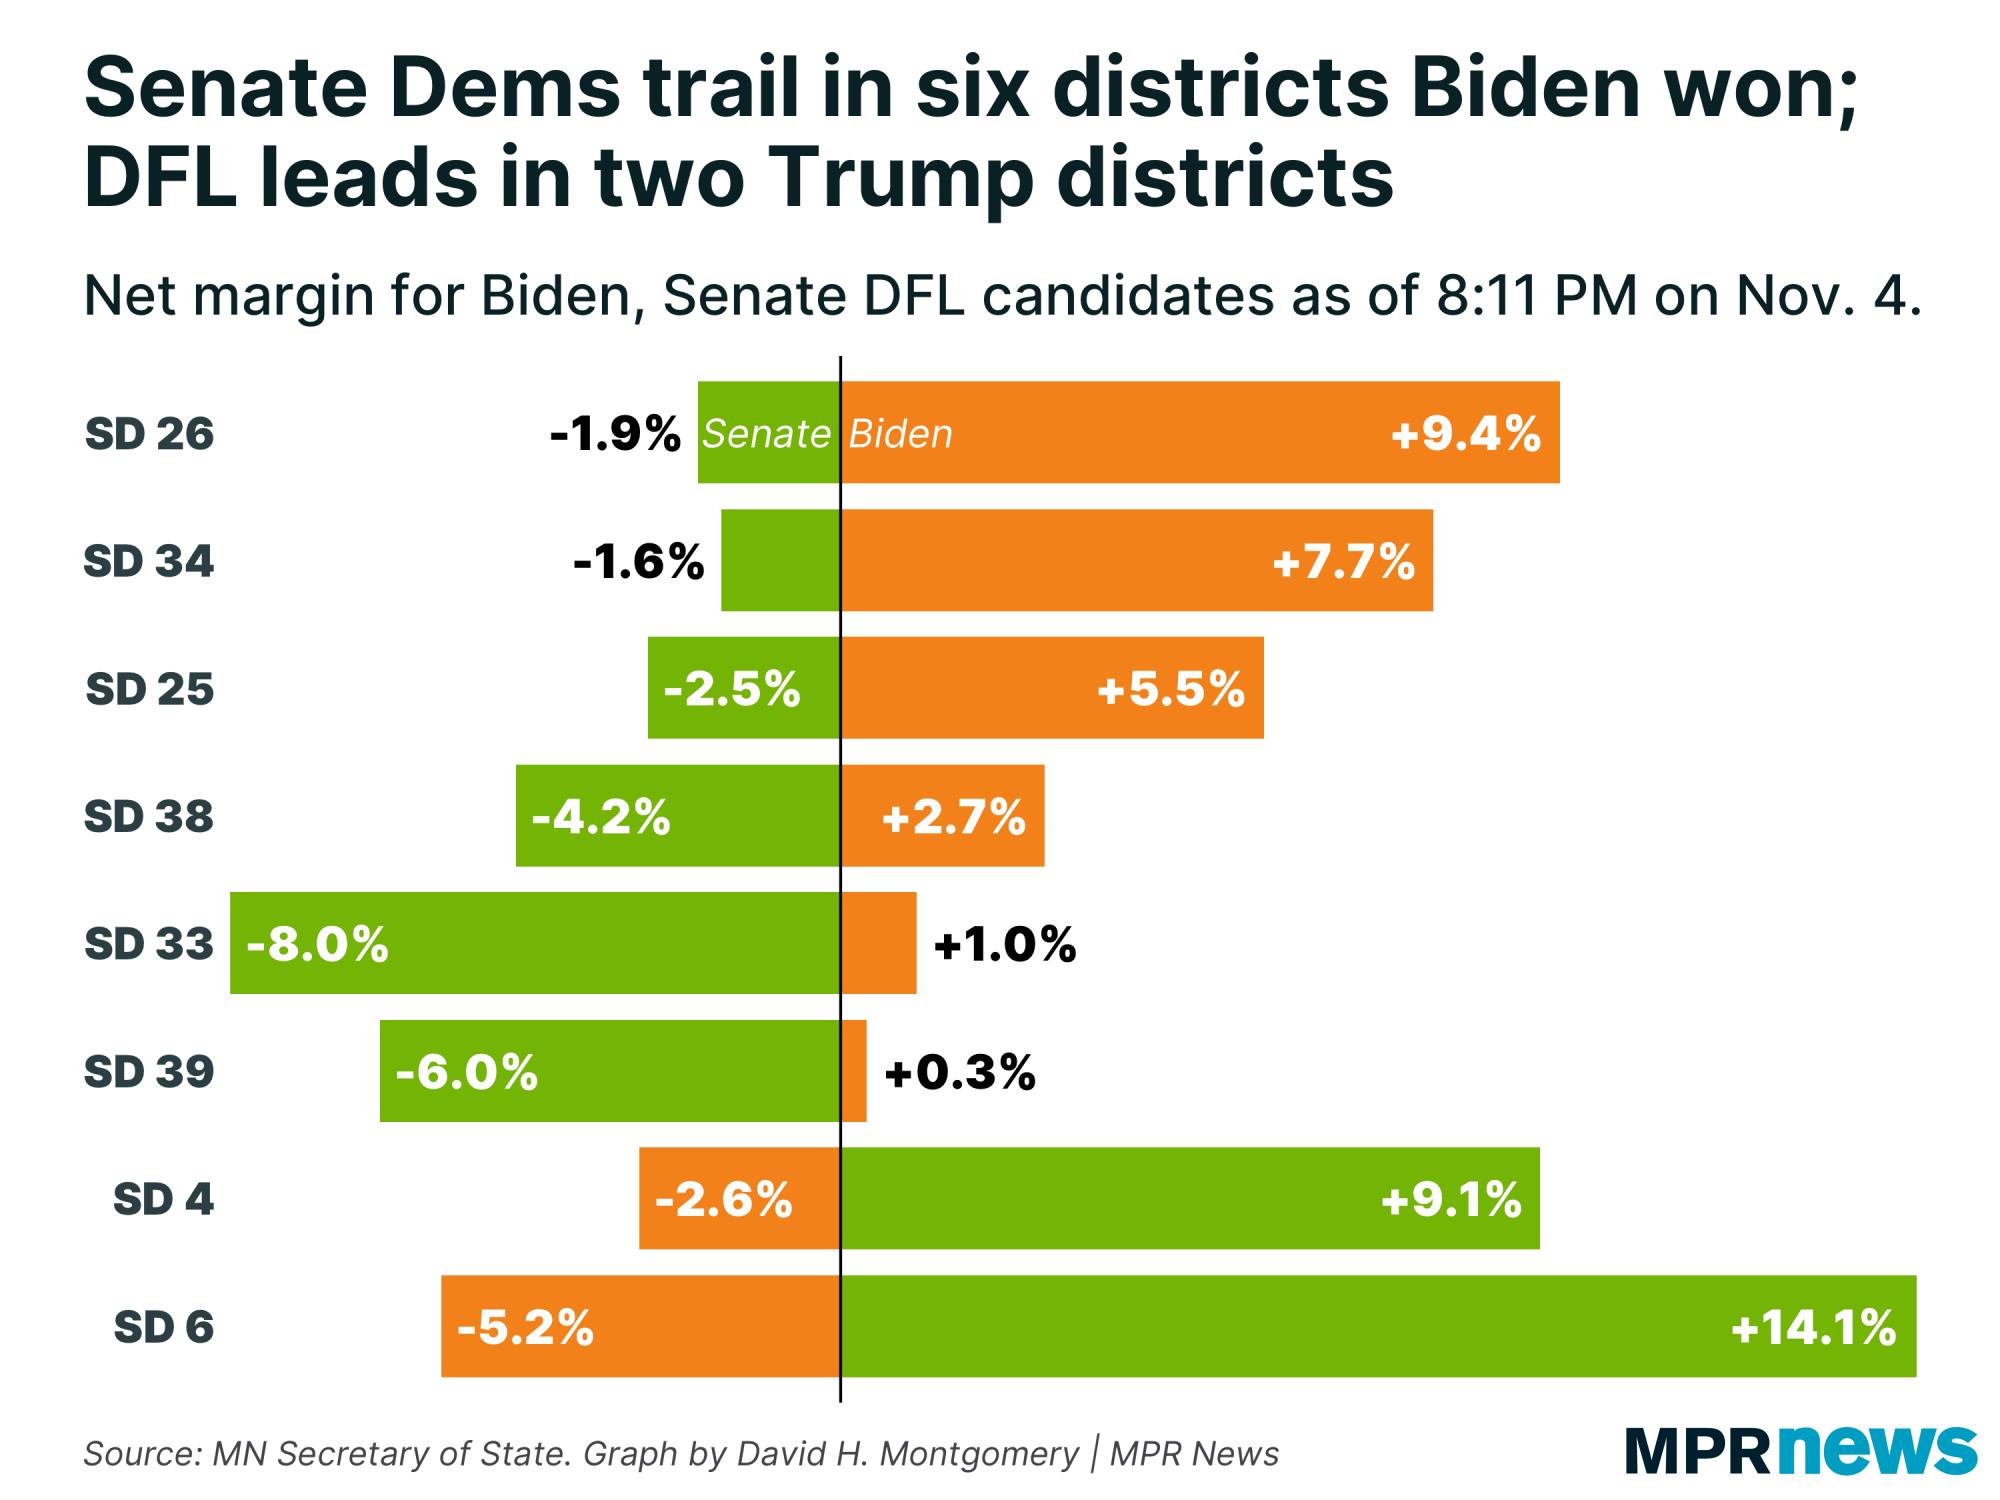 Senate DFLers trail in six districts Biden won; lead in 2 Trump seats